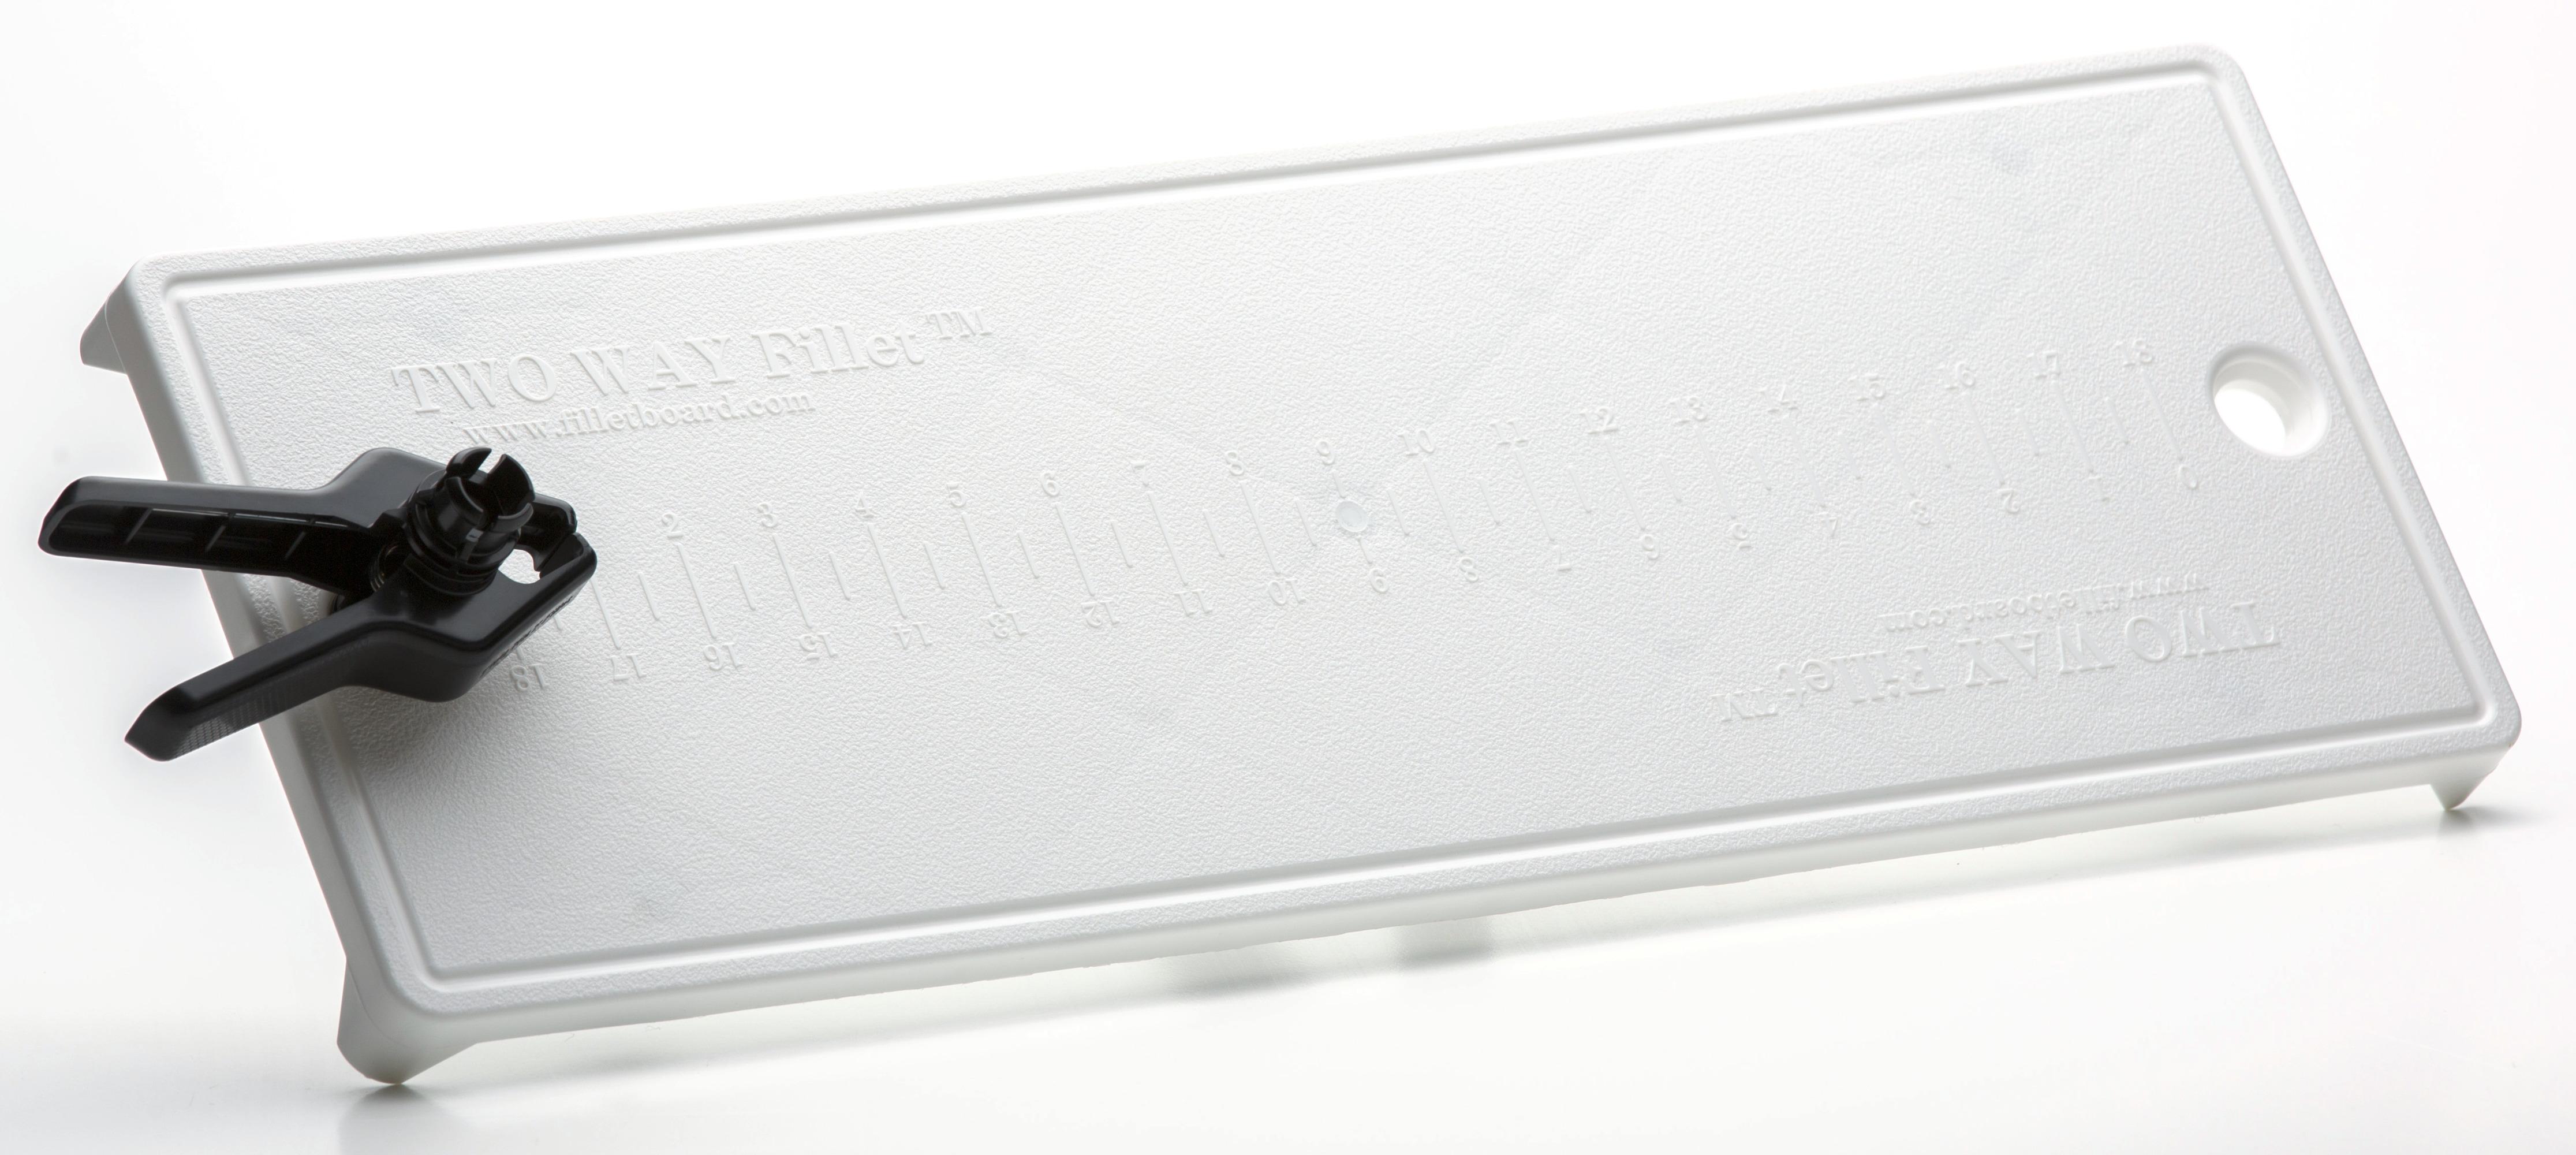 Tightlines UV 2-WAY-FB Patented 2-Way Fillet Board